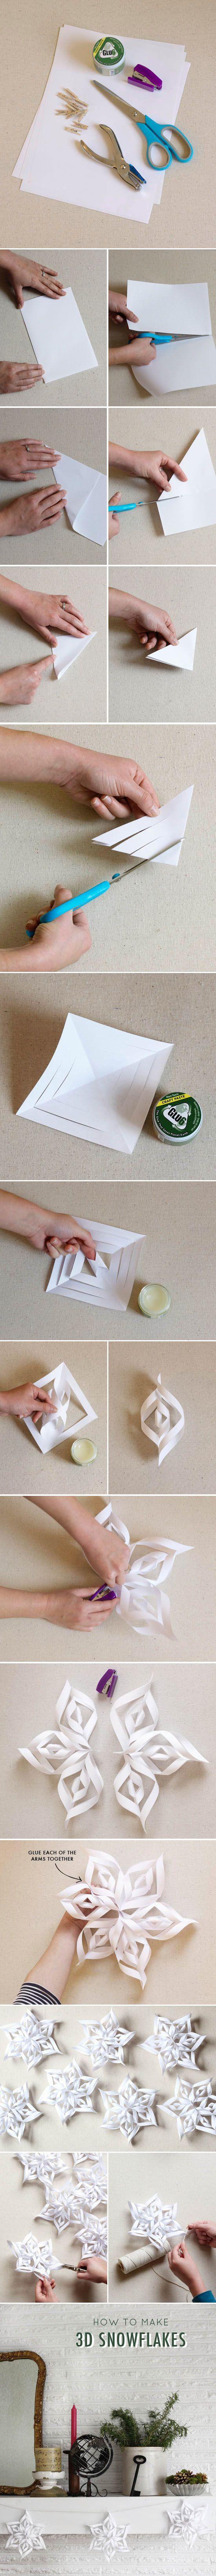 guirnaldas-papel-3d-ingenioso-1